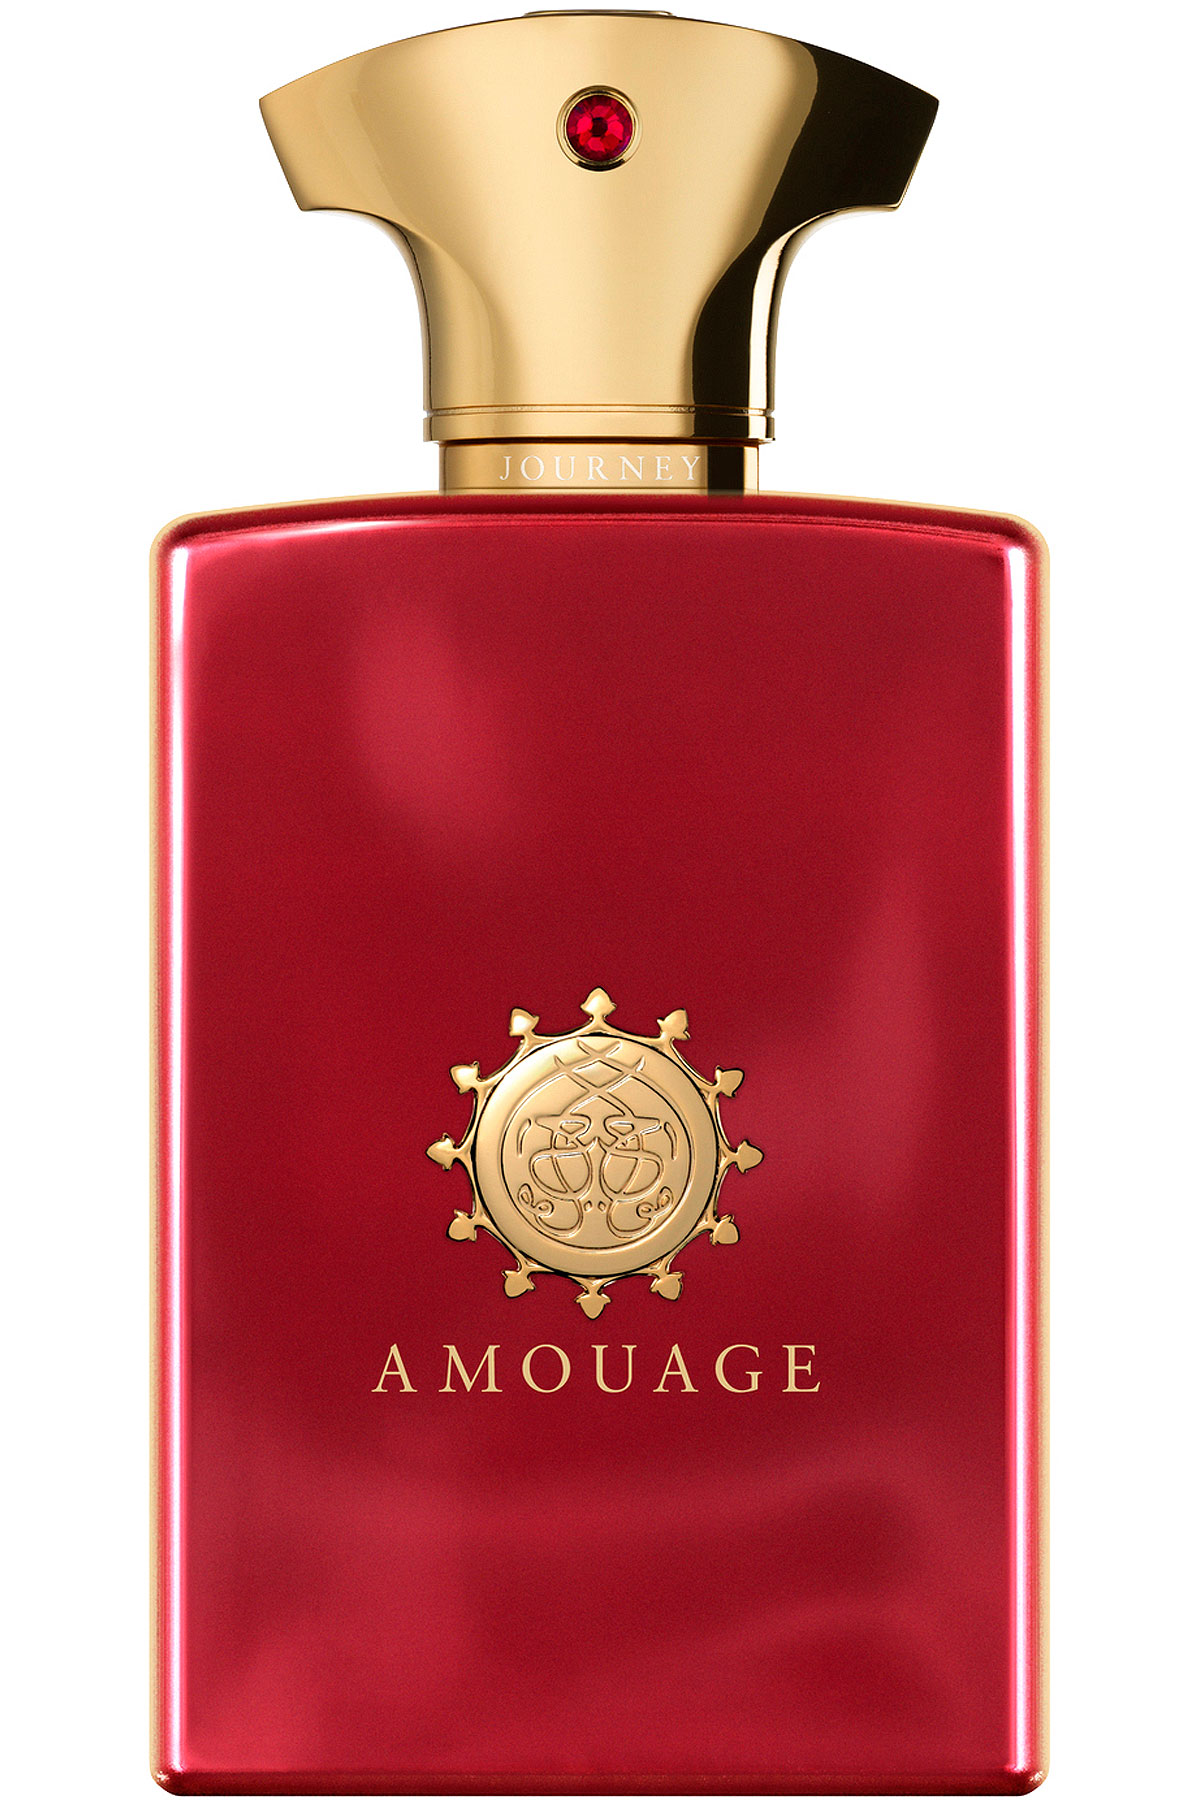 Image of Amouage Mens Fragrances, Journey Man - Eau De Parfum, 2017, 50 ml 100 ml